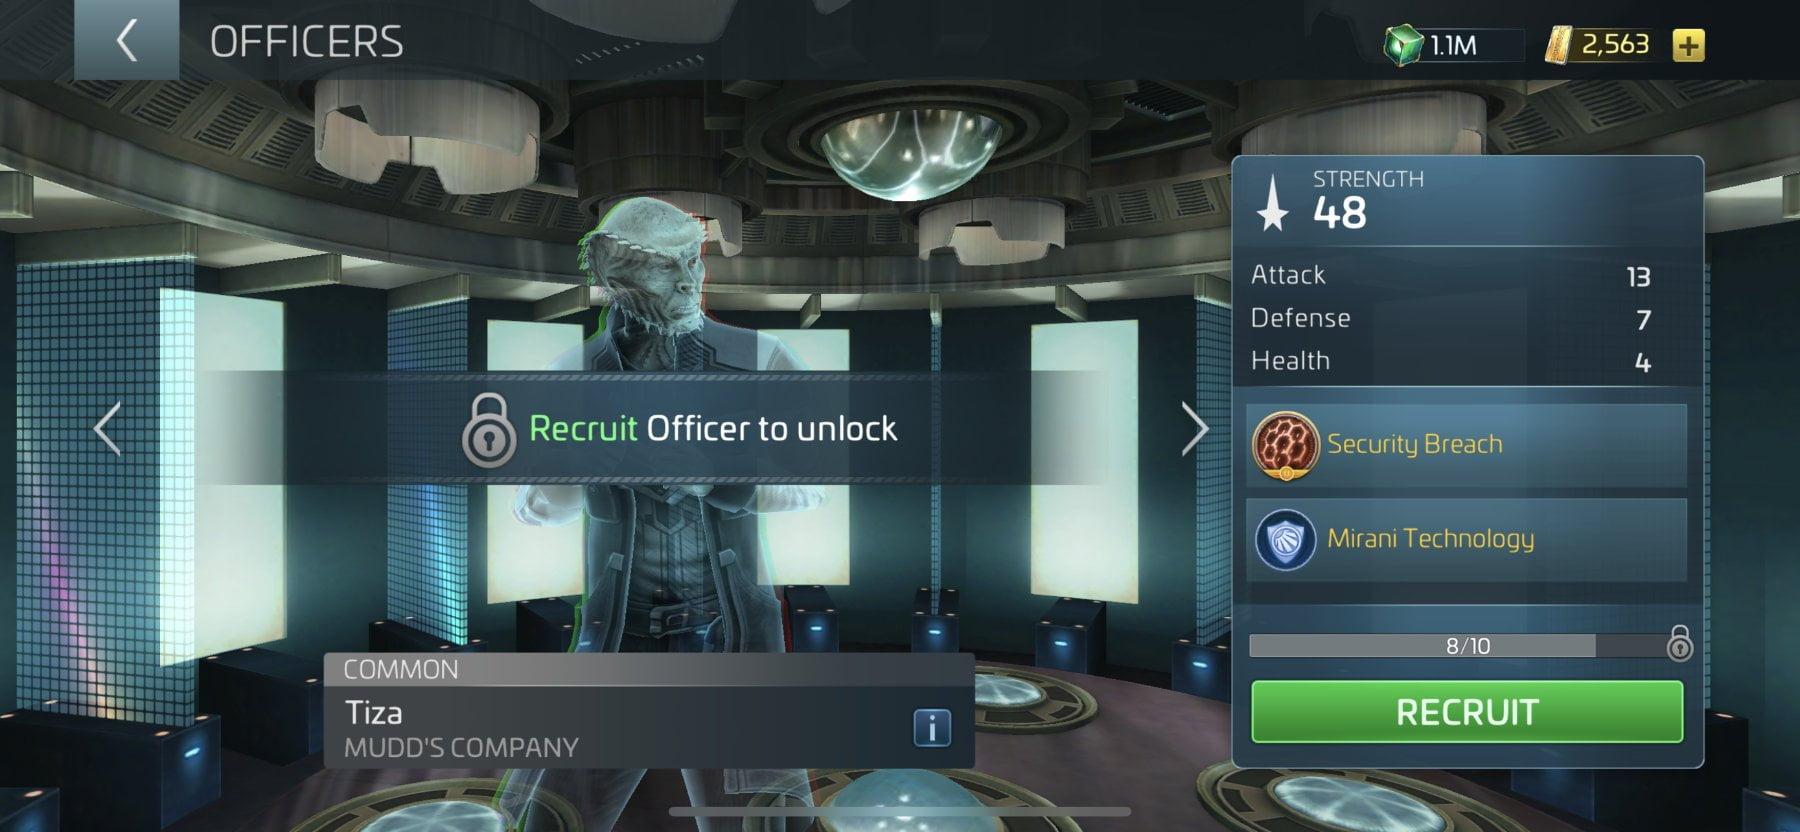 Star Trek Fleet Command Officer Tiza